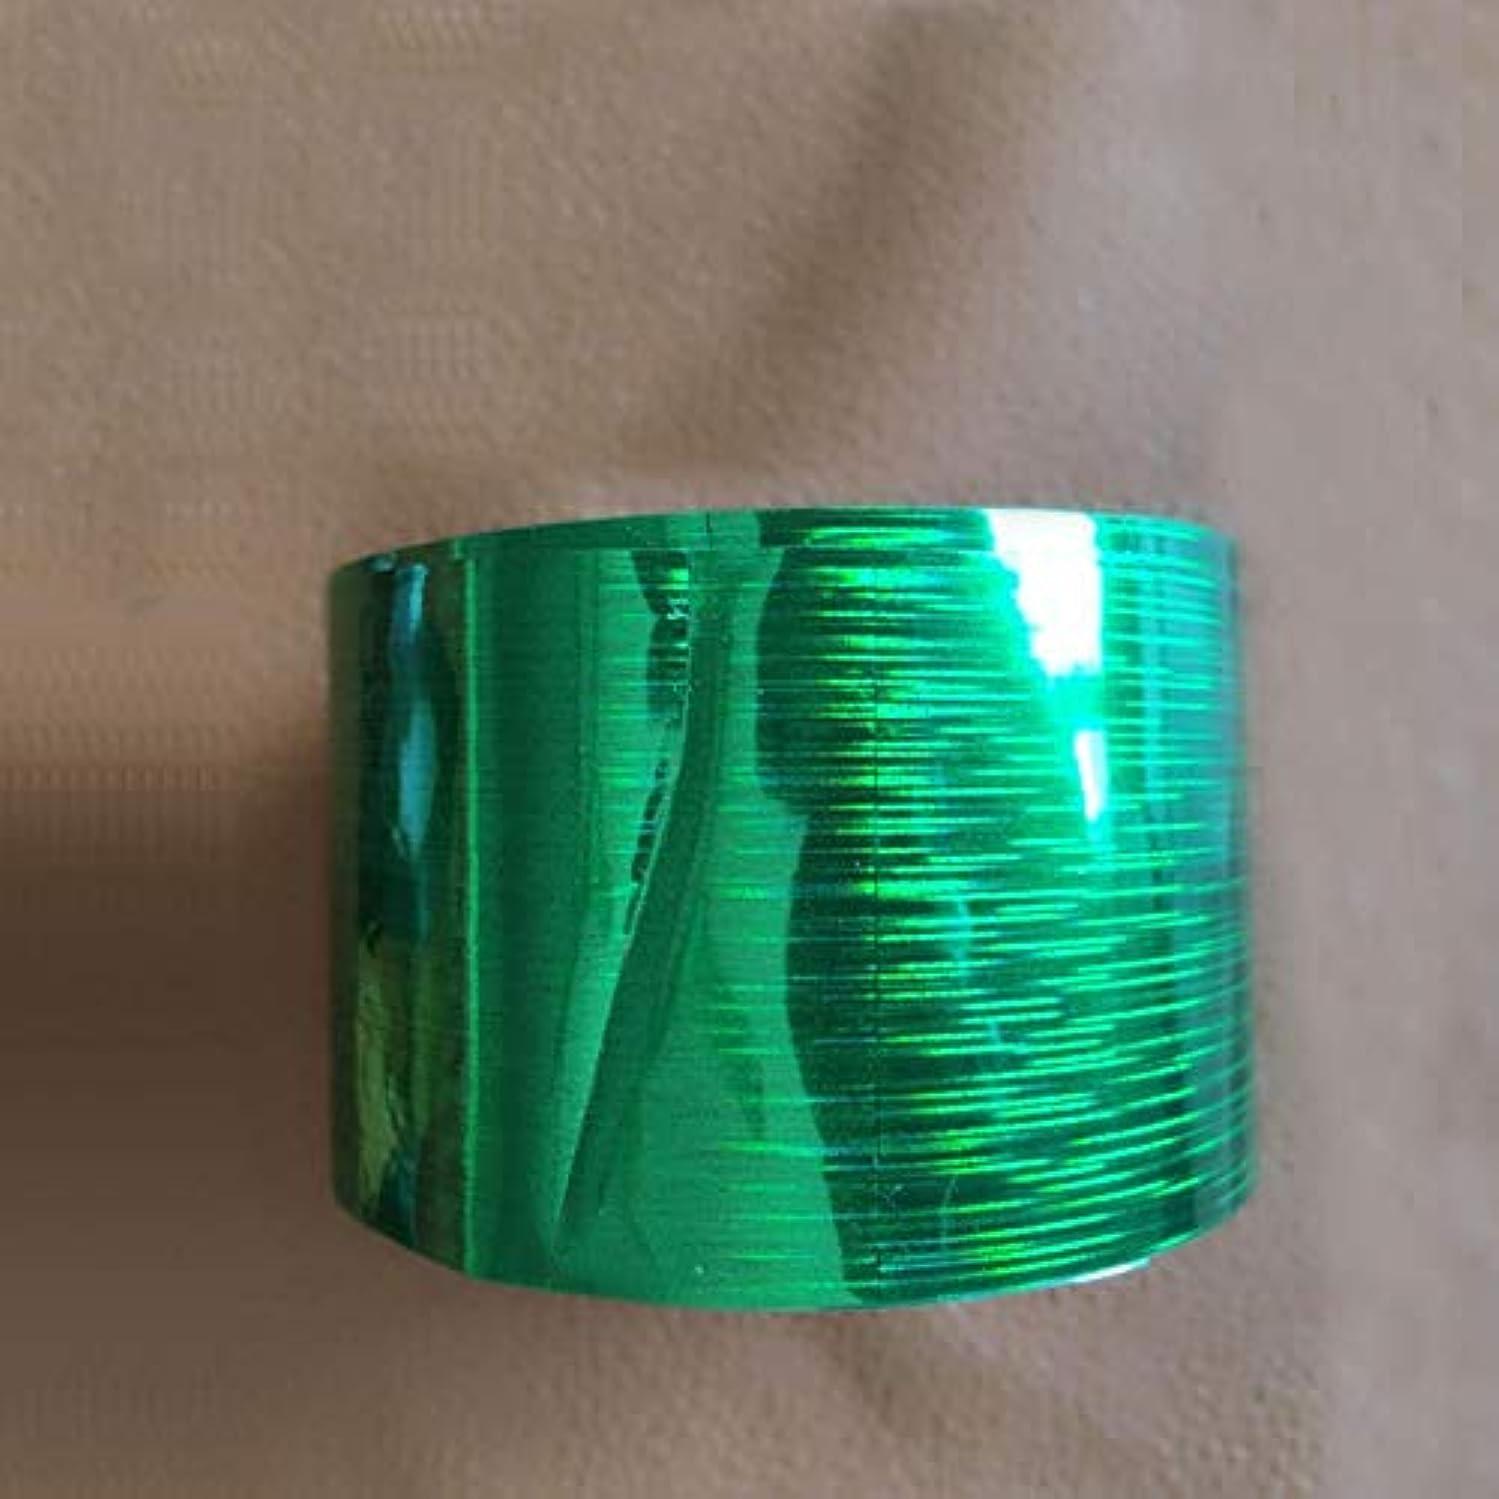 対処する第三あそこSUKTI&XIAO ネイルステッカー 1ロール120M * 4CmホログラフィックネイルフォイルレインボートランスファーフォイルステッカーフィンガーラップネイルアートDiy接着剤マニキュア美容デカール、グリーン